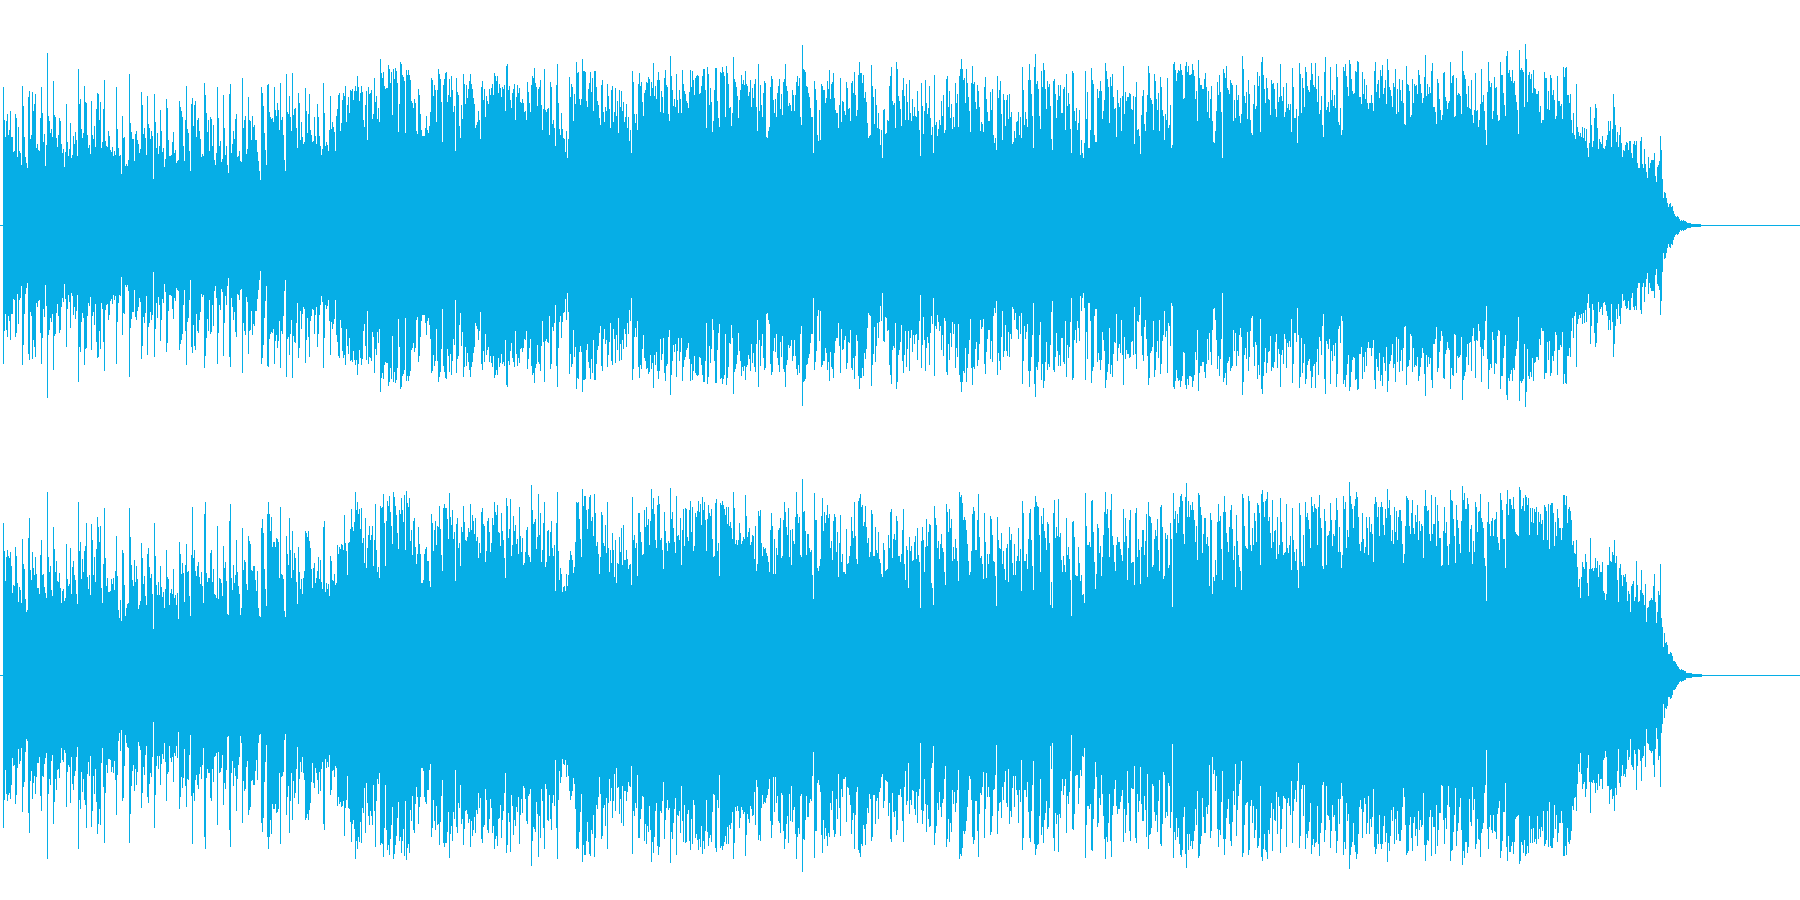 愛に溢れるハートフルなミディアムバラードの再生済みの波形